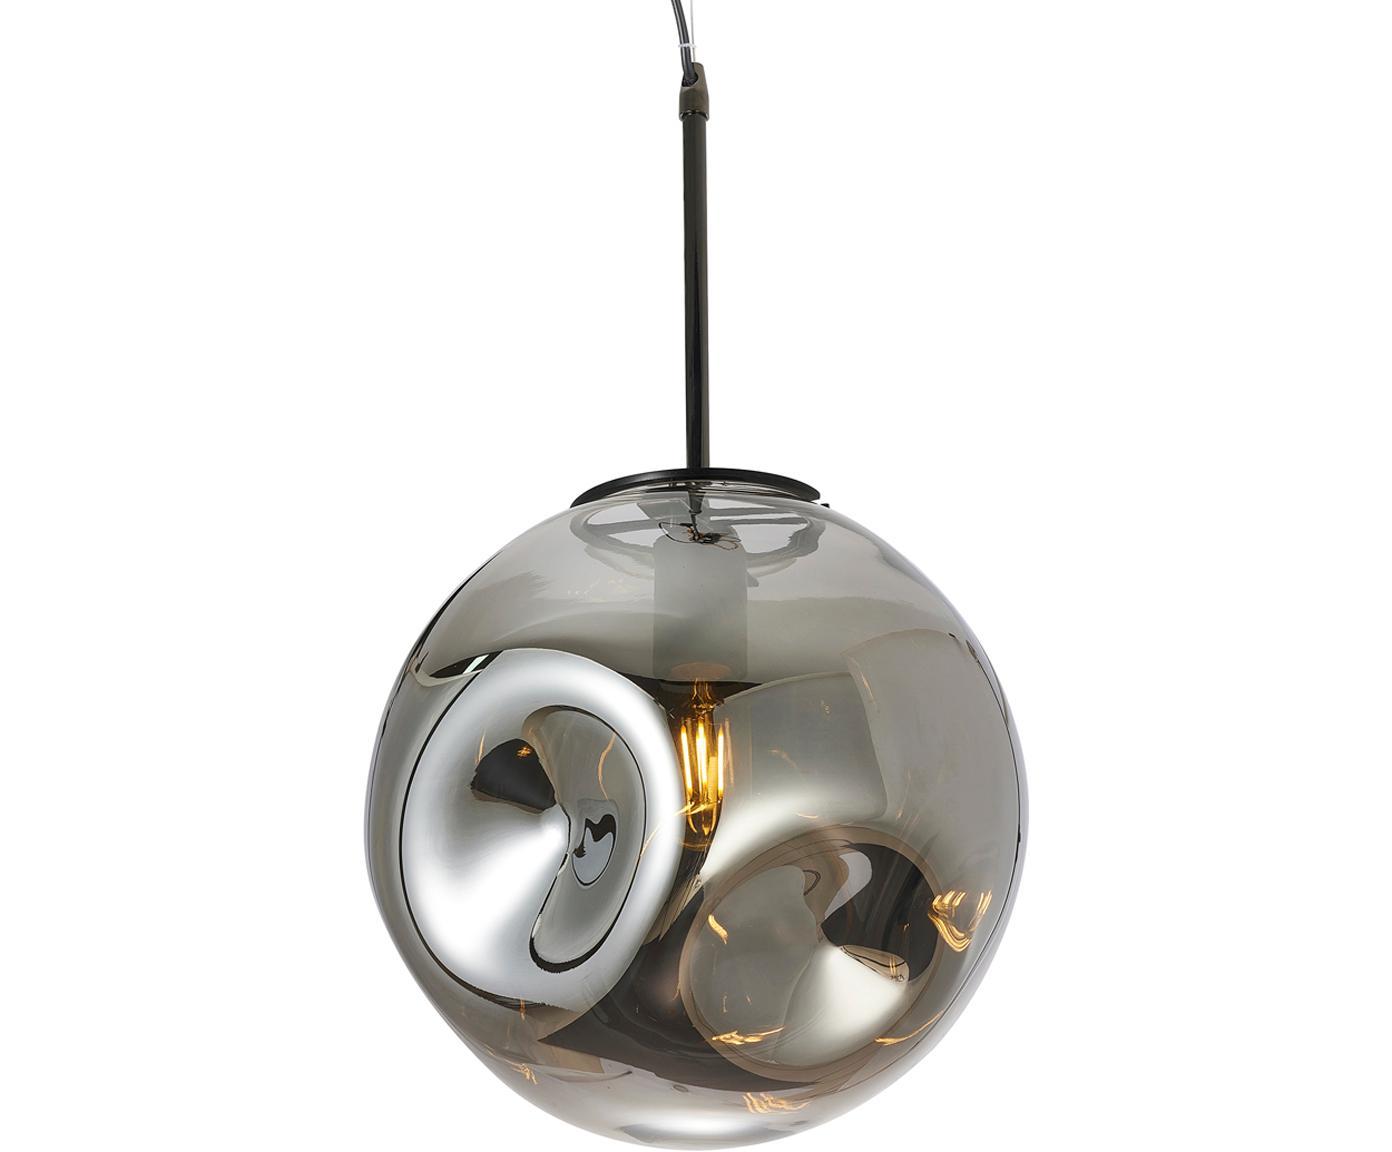 Lampada a sospensione Blown, Vetro, metallo, Grigio, nero, Ø 30 x Alt. 30 cm